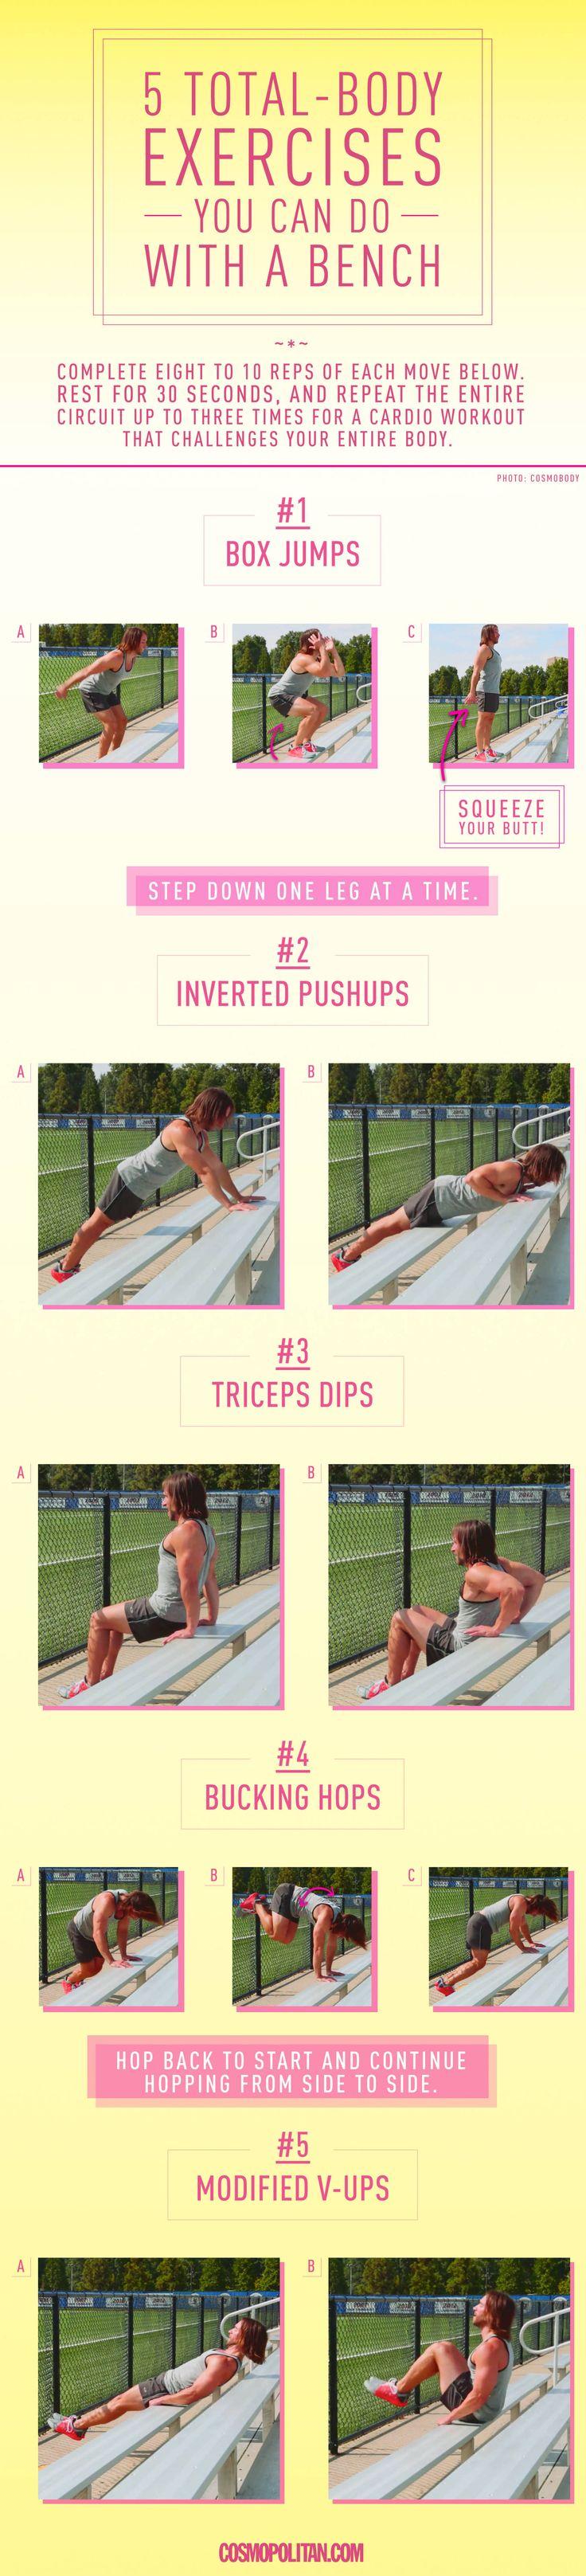 5 Total-Body Exercises You Can Do on a Bench  - Cosmopolitan.com